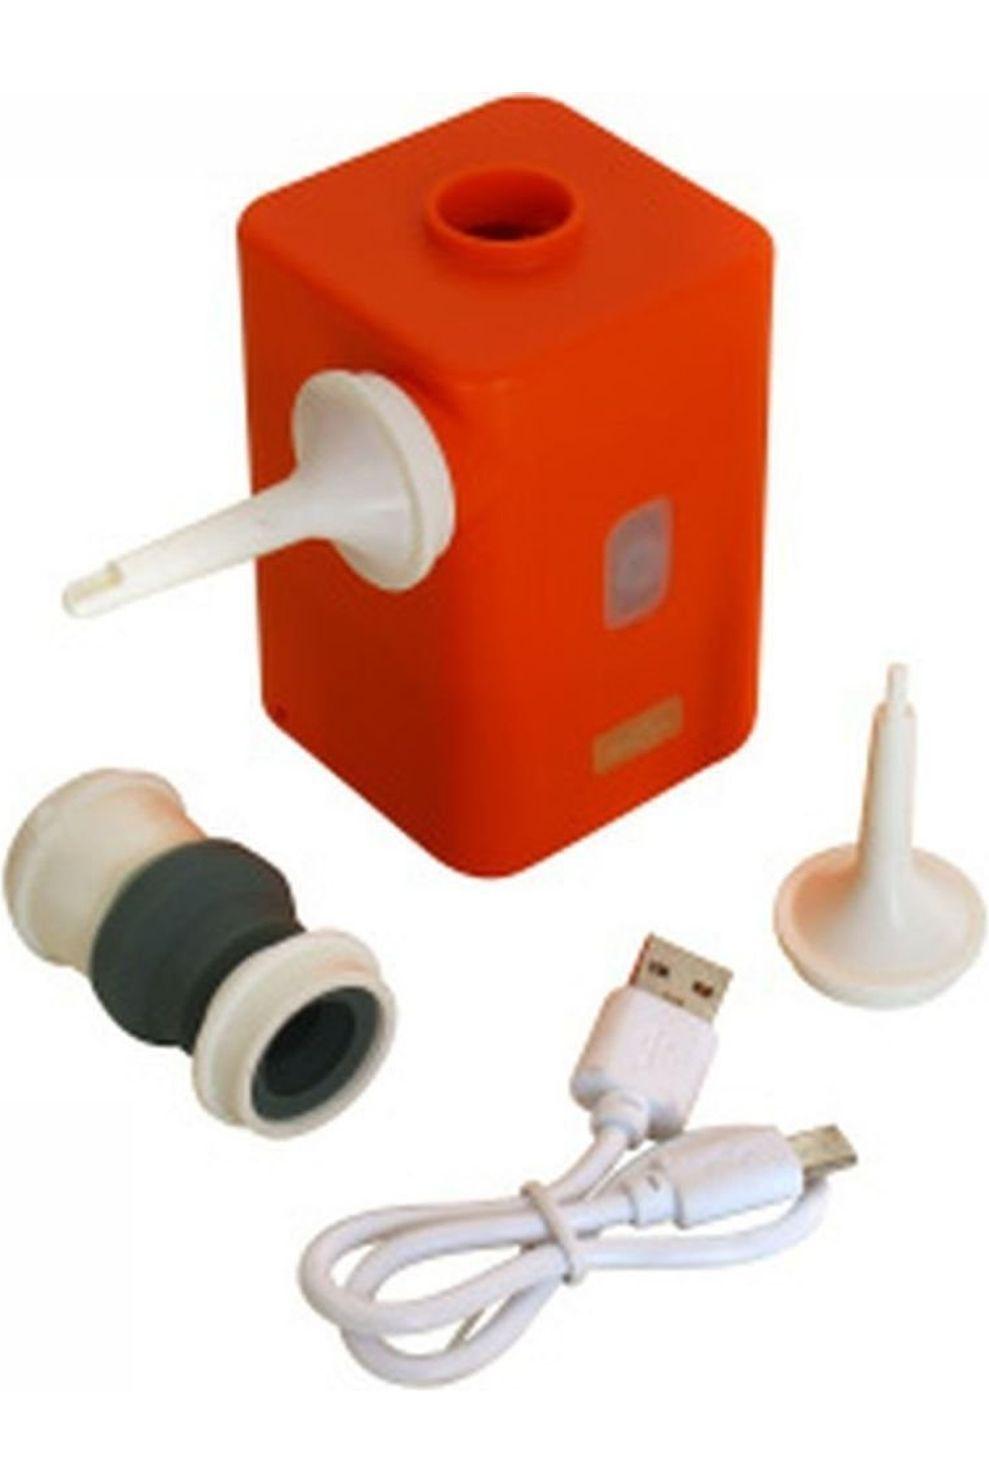 Human Comfort Pomp Lichtgewicht USB Pomp Met Batterij - Oranje/Wit